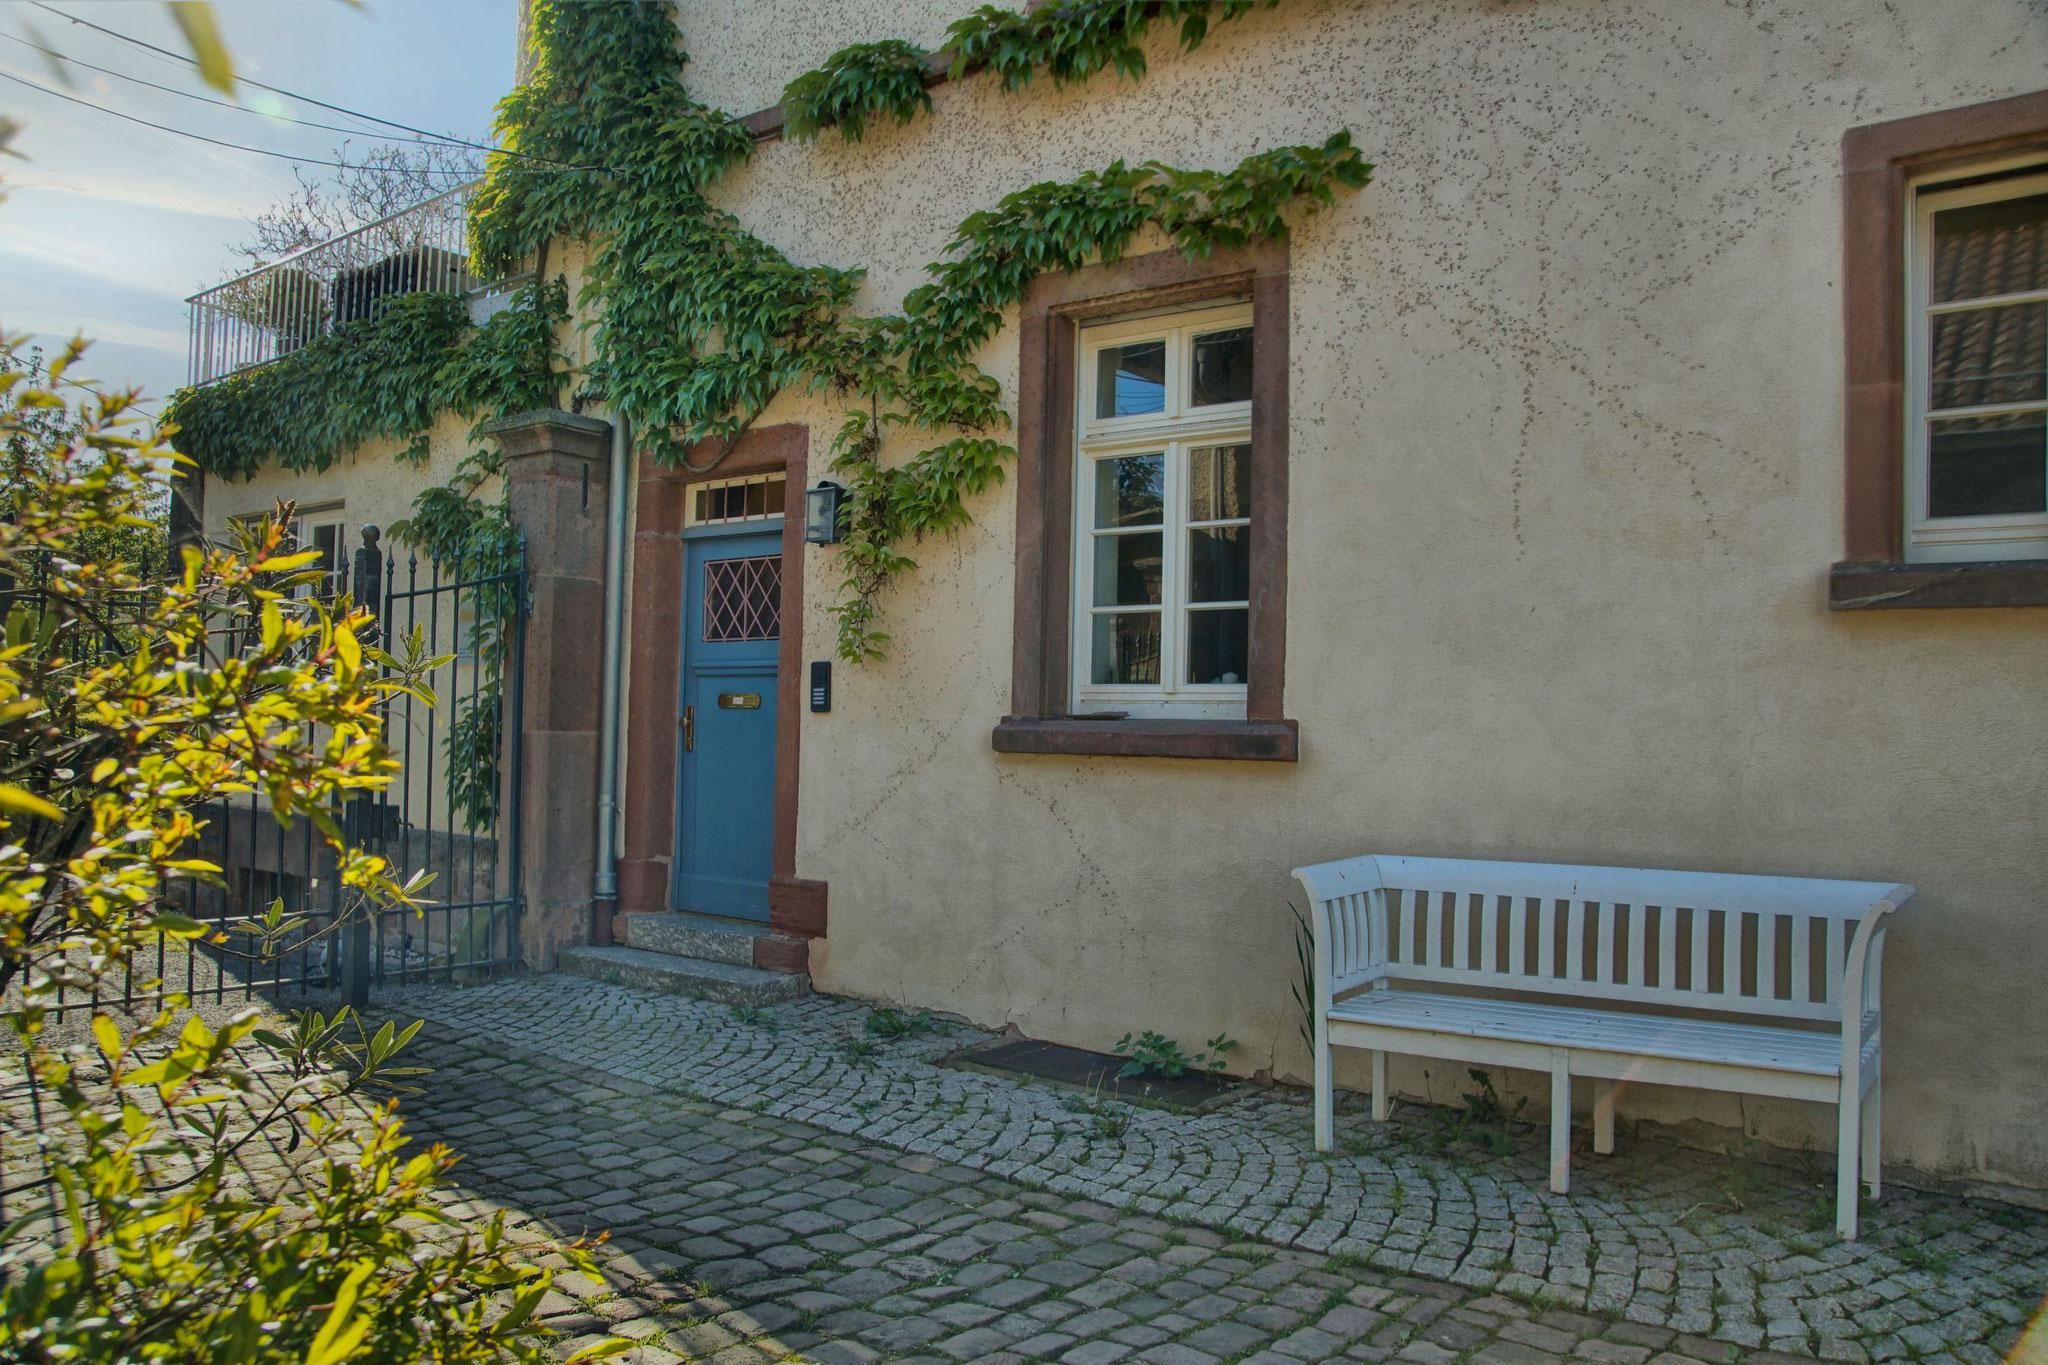 Innenhof mit Eingangstüre